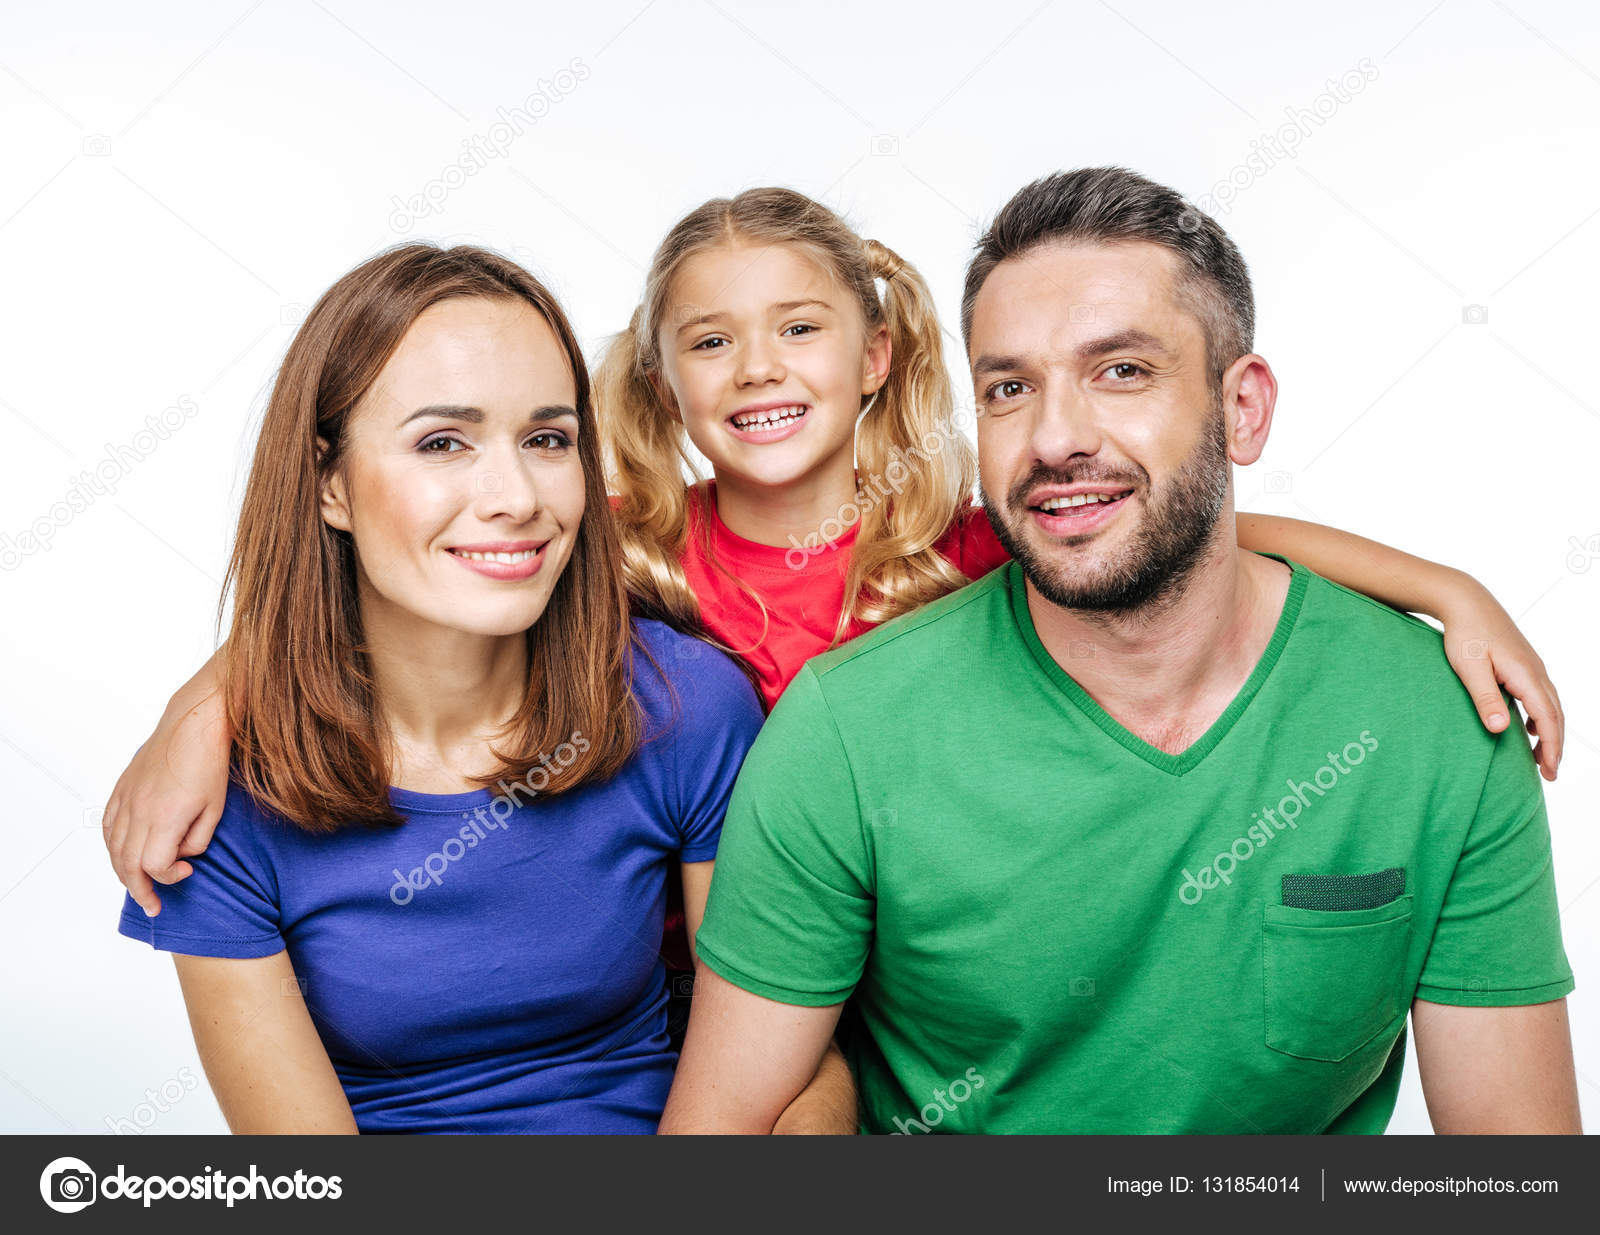 Imagenes De Familia Feliz. Latest Imagenes De Familia